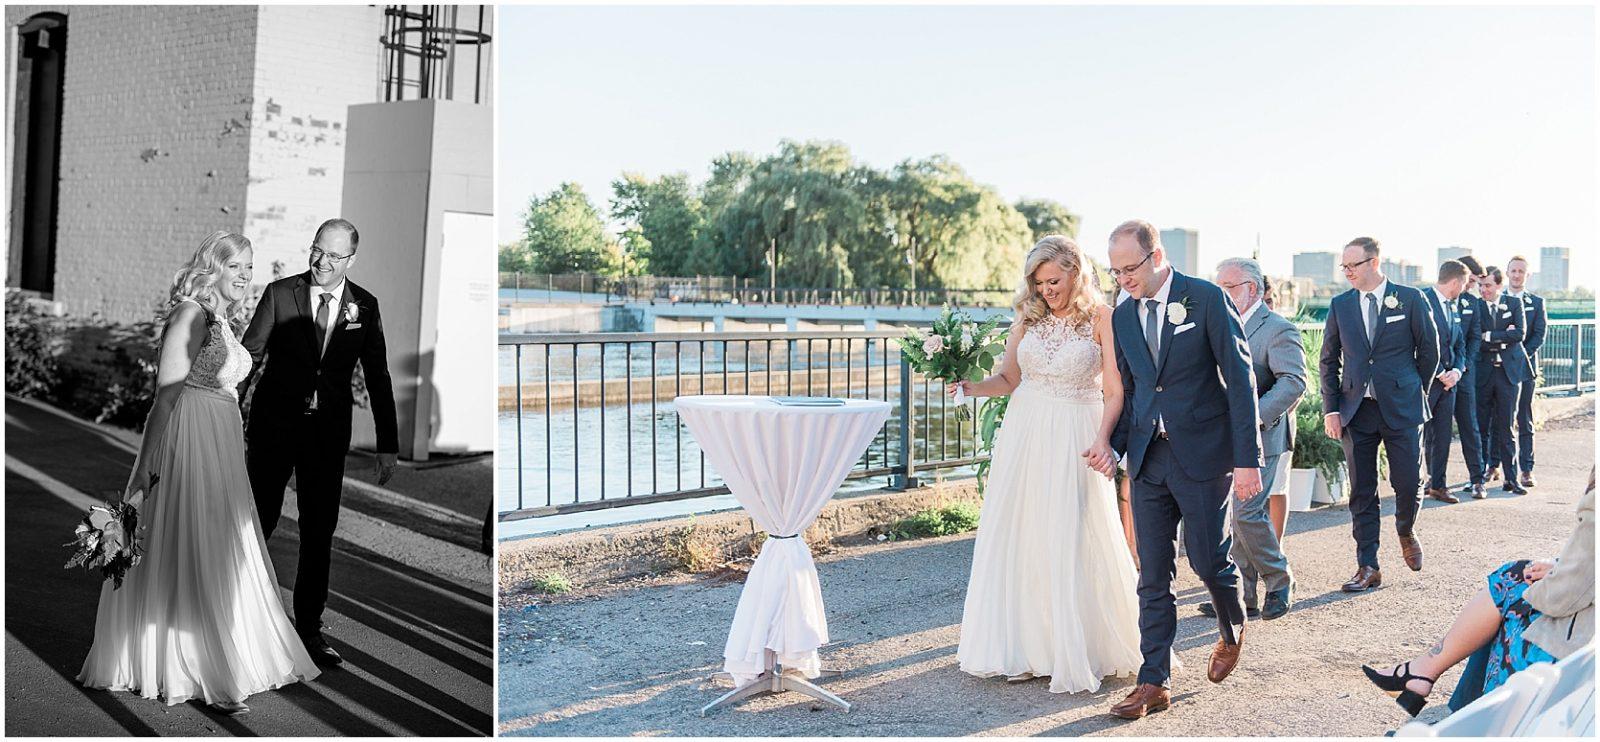 0177 SS-Late Summer Wedding at Zibi - Ottawa_PhotosbyEmmaH_WEB.jpg